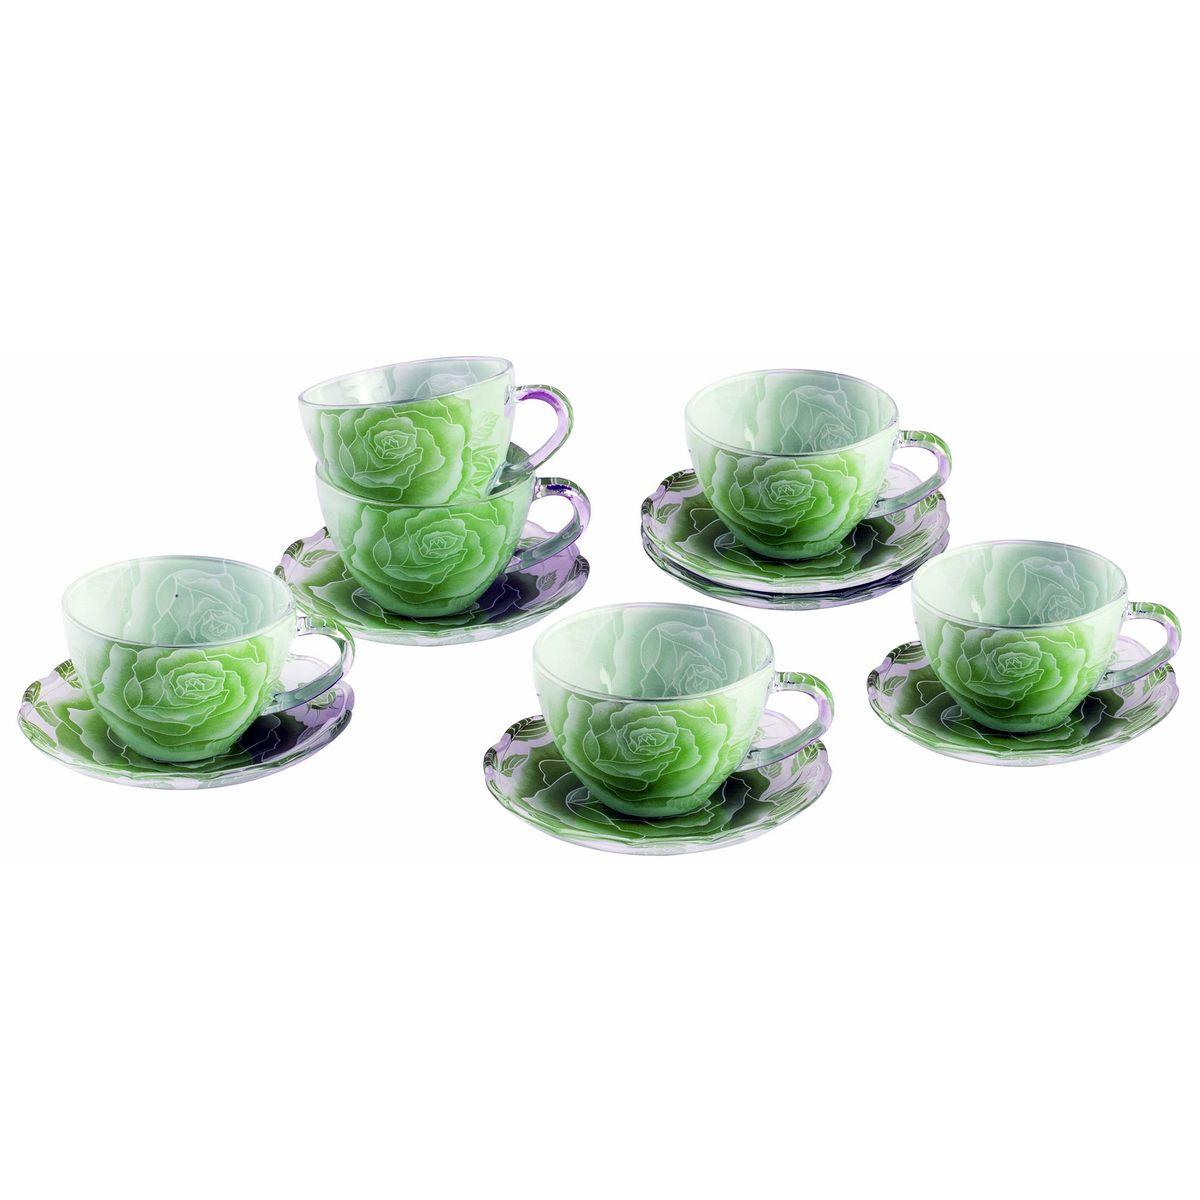 Набор чайный Bekker, 12 предметов, BK-5853BK-5853Набор чайный Bekker состоит из шести чашек и шести блюдец, изготовленных из высококачественного стекла. Набор оформлен стильным рисунком. Такой набор подходит для подачи чая.Изящный дизайн придется по вкусу и ценителям классики, и тем, кто предпочитает утонченность и изысканность. Он настроит на позитивный лад и подарит хорошее настроение с самого утра. Чайный набор Bekker - идеальный и необходимый подарок для вашего дома и для ваших друзей в праздники.